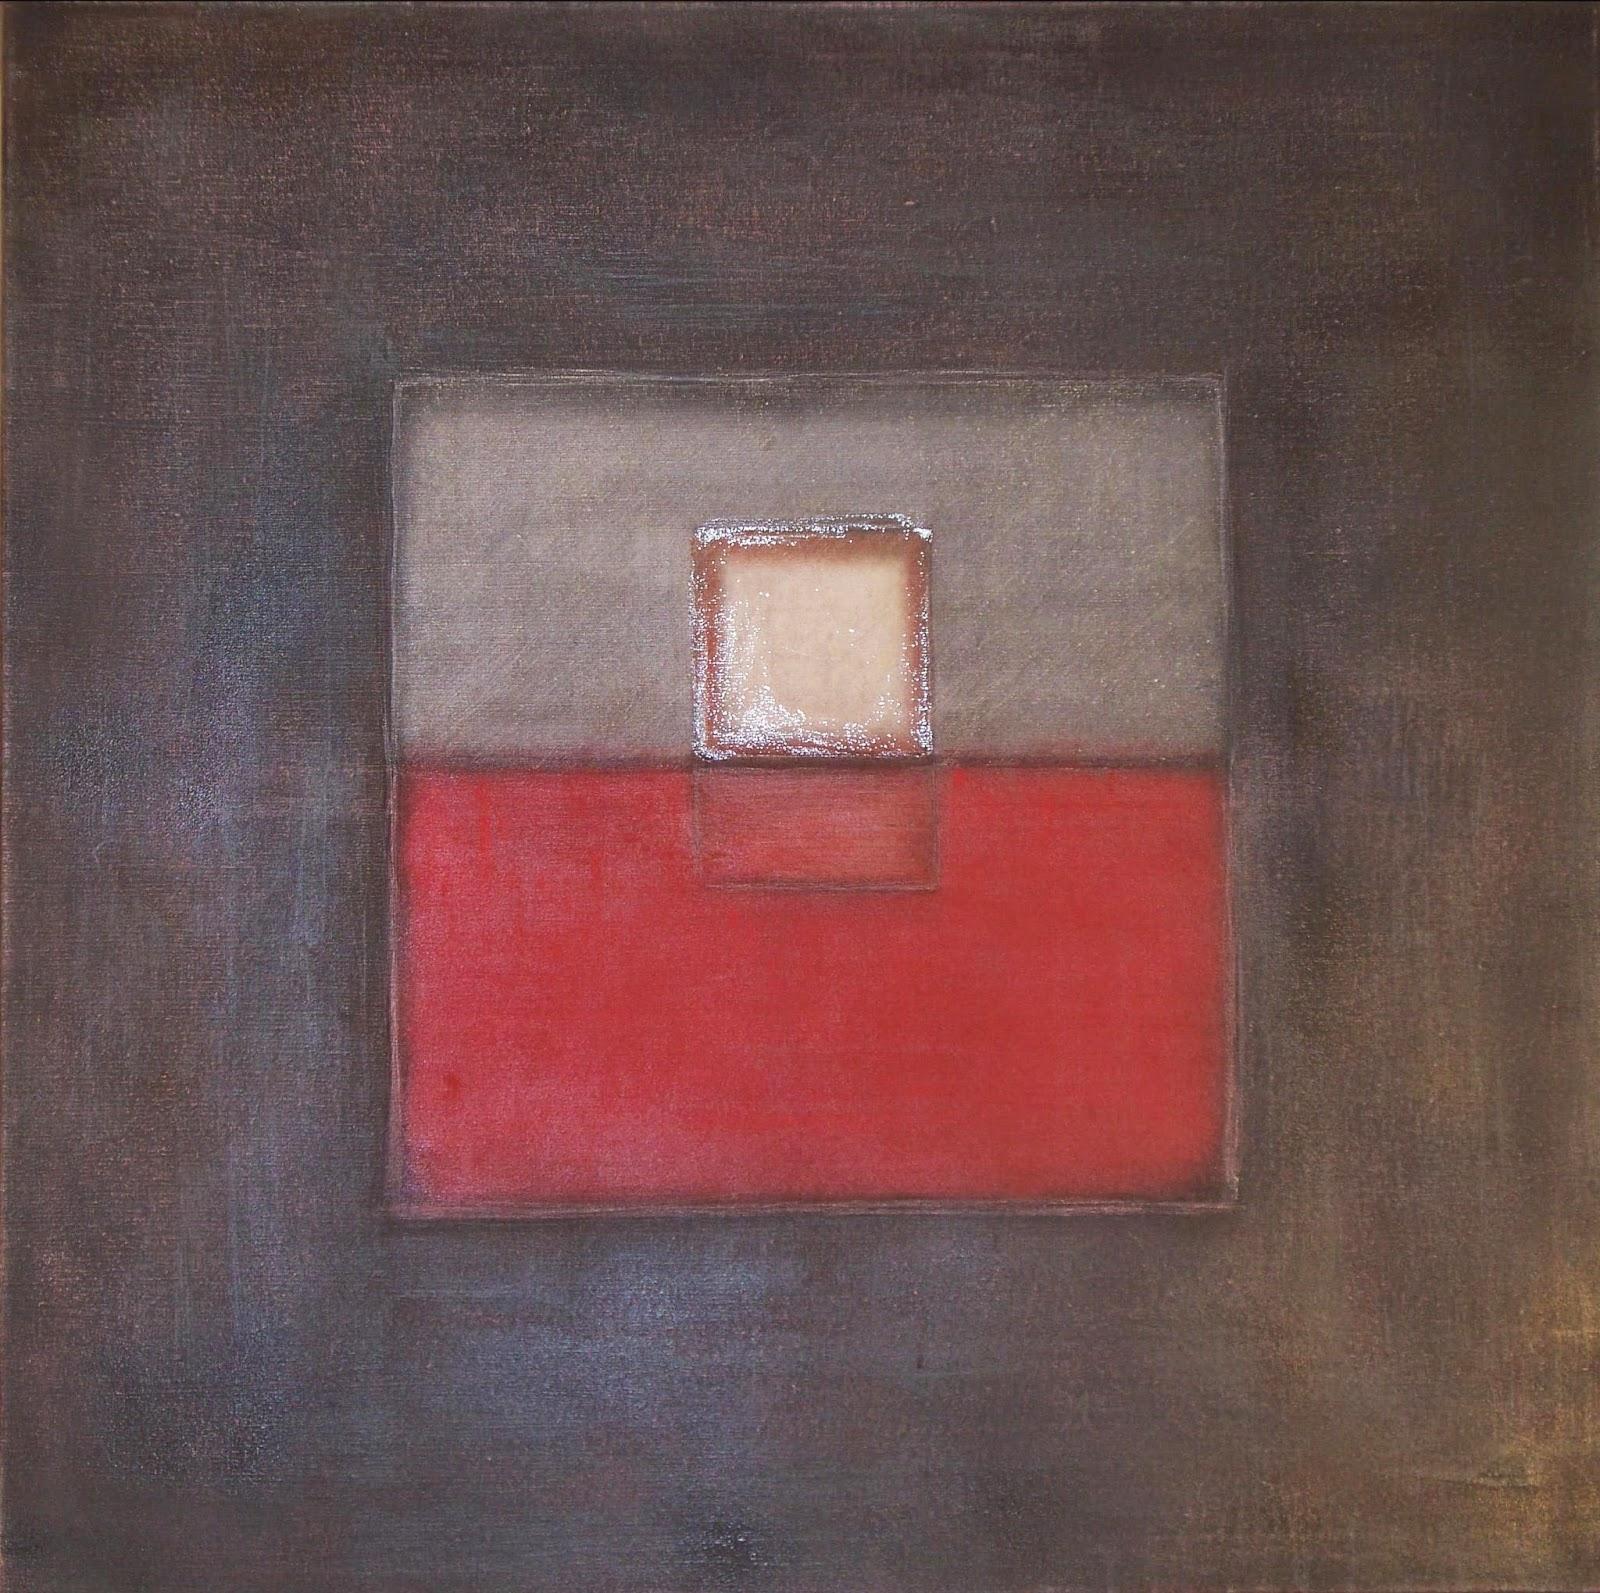 Pinturas abstractas de vanina martinez cuadrados - Cuadros abstractos relieve ...